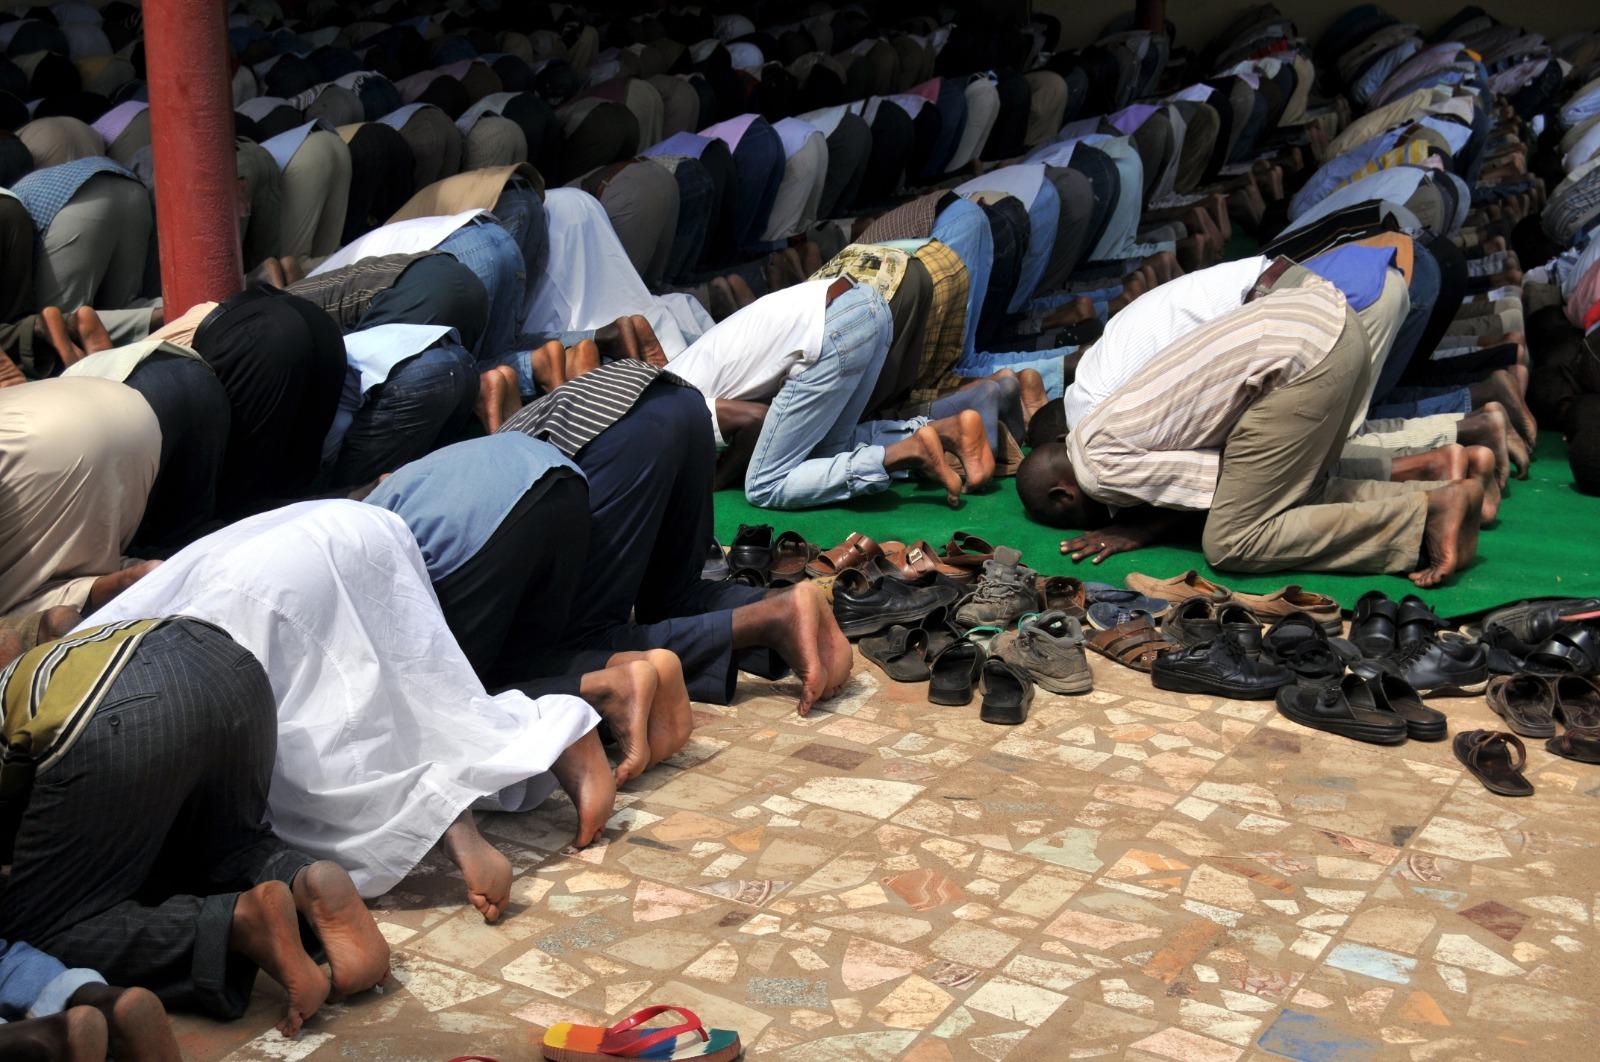 ما هي حالات المأموم مع الإمام في الصلاة؟